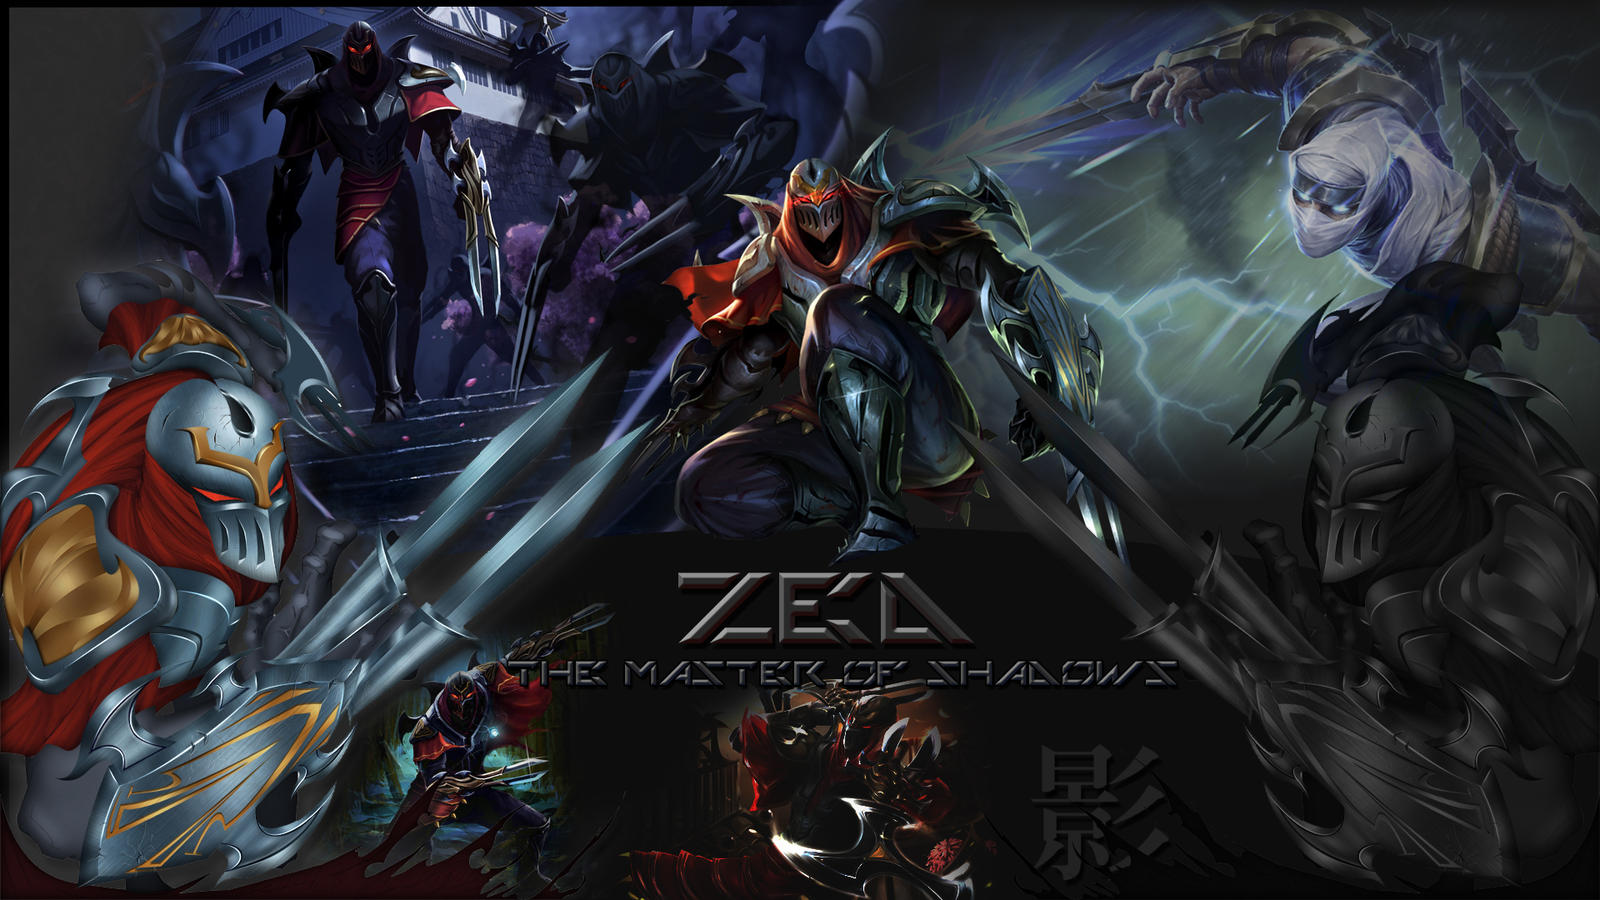 Zed Ultimate Wallpaper (old) by NUkeSc on DeviantArt